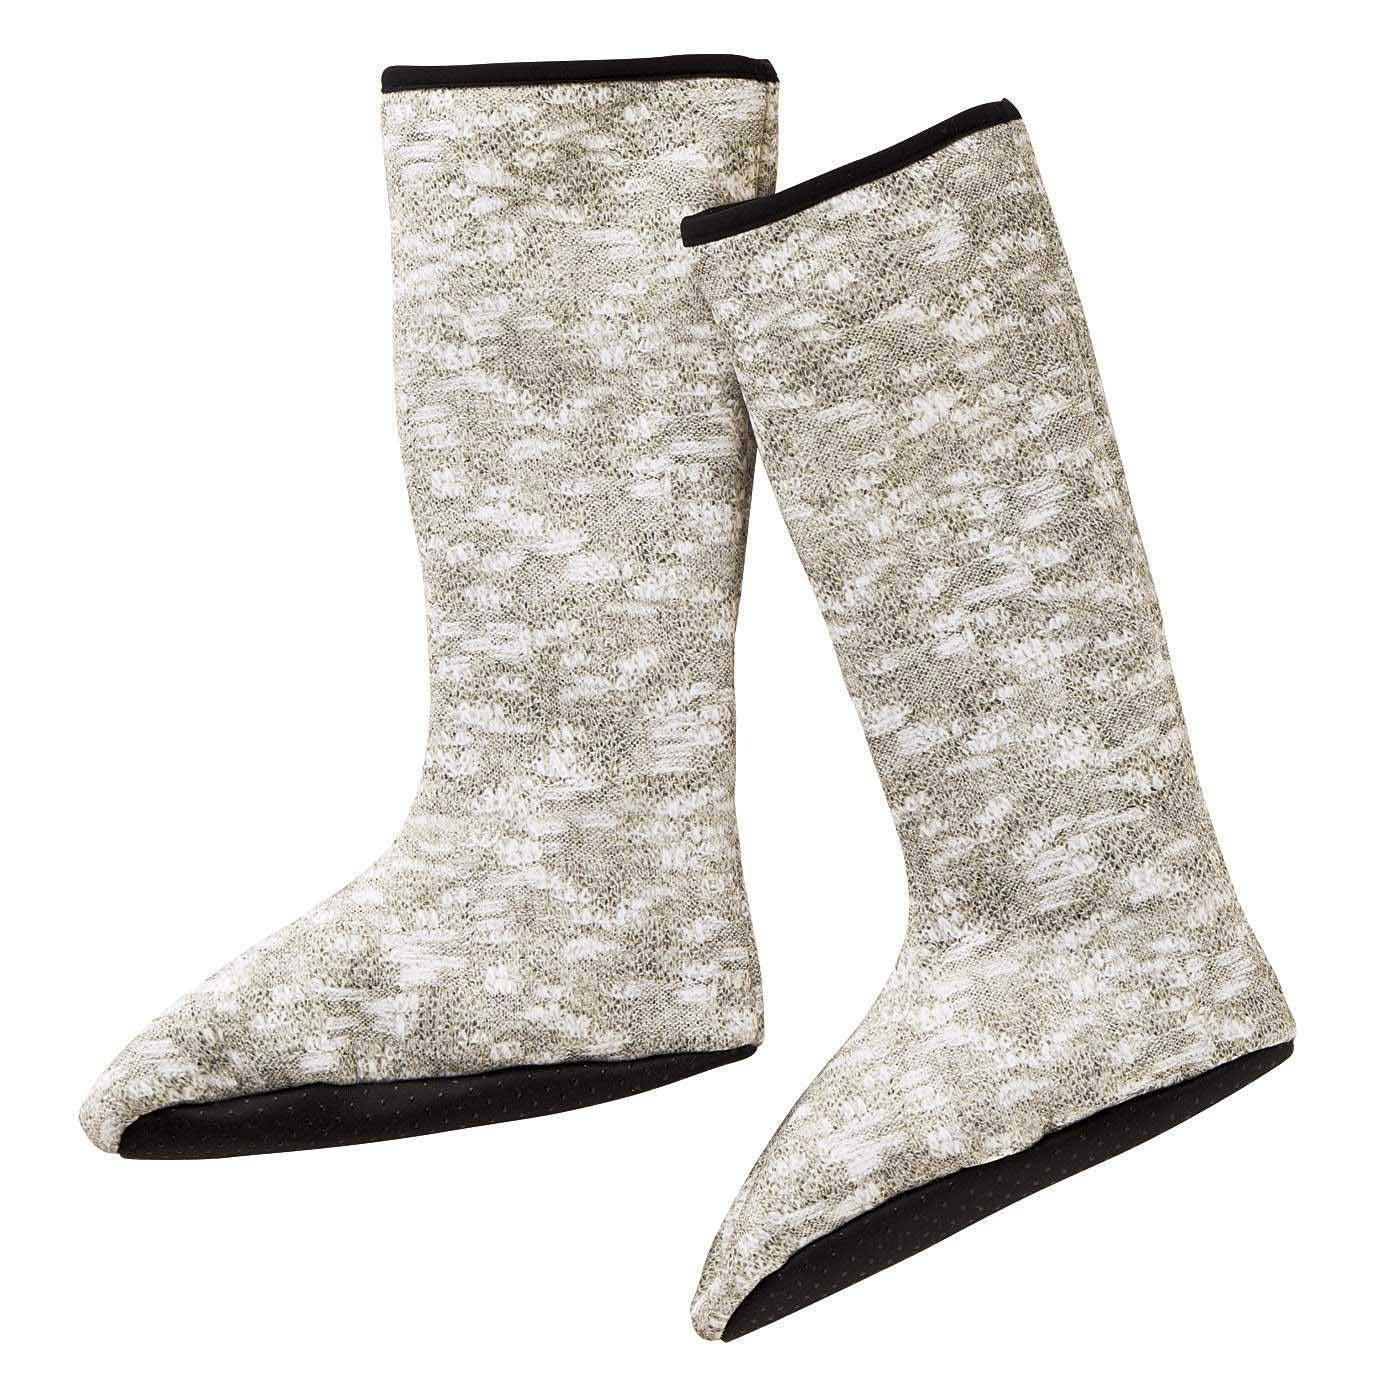 冷え足をのびのびボアで包み込む 靴下みたいなあったかルームブーツ